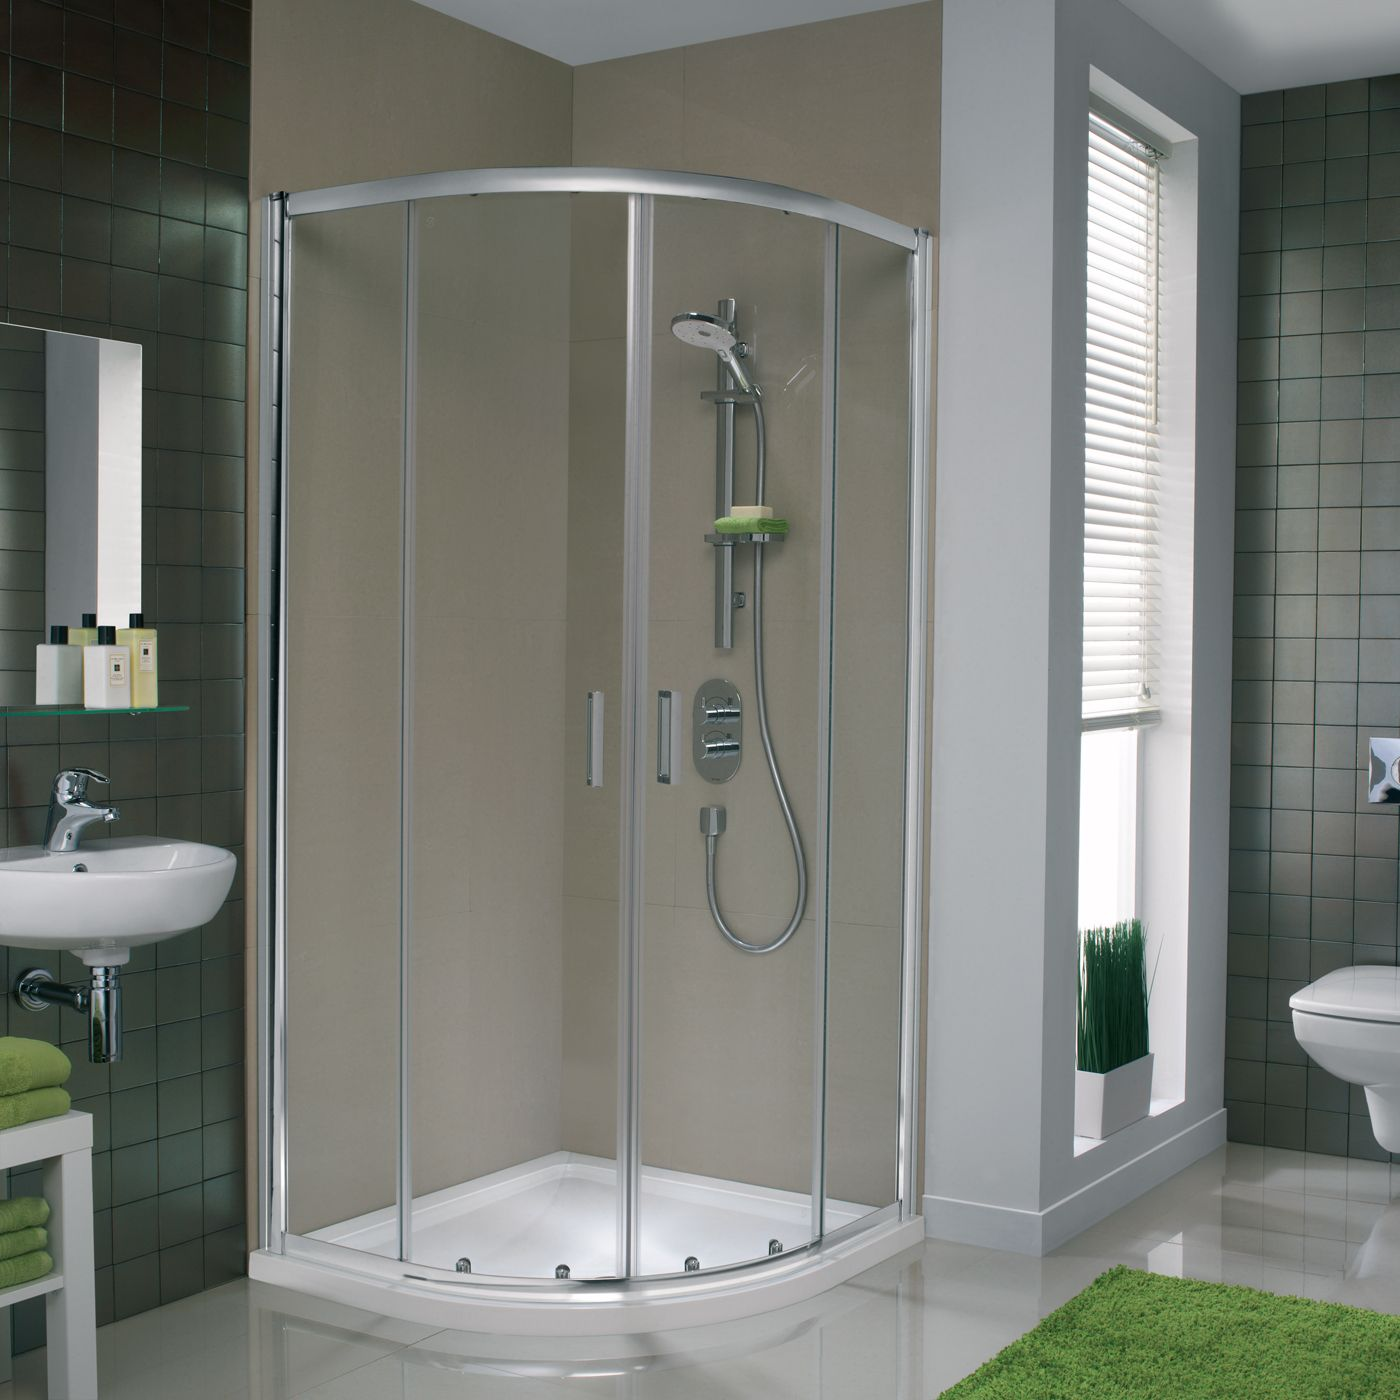 Twyford es200 Quadrant 800x800mm | Bathrooms | Pinterest | Shower ...